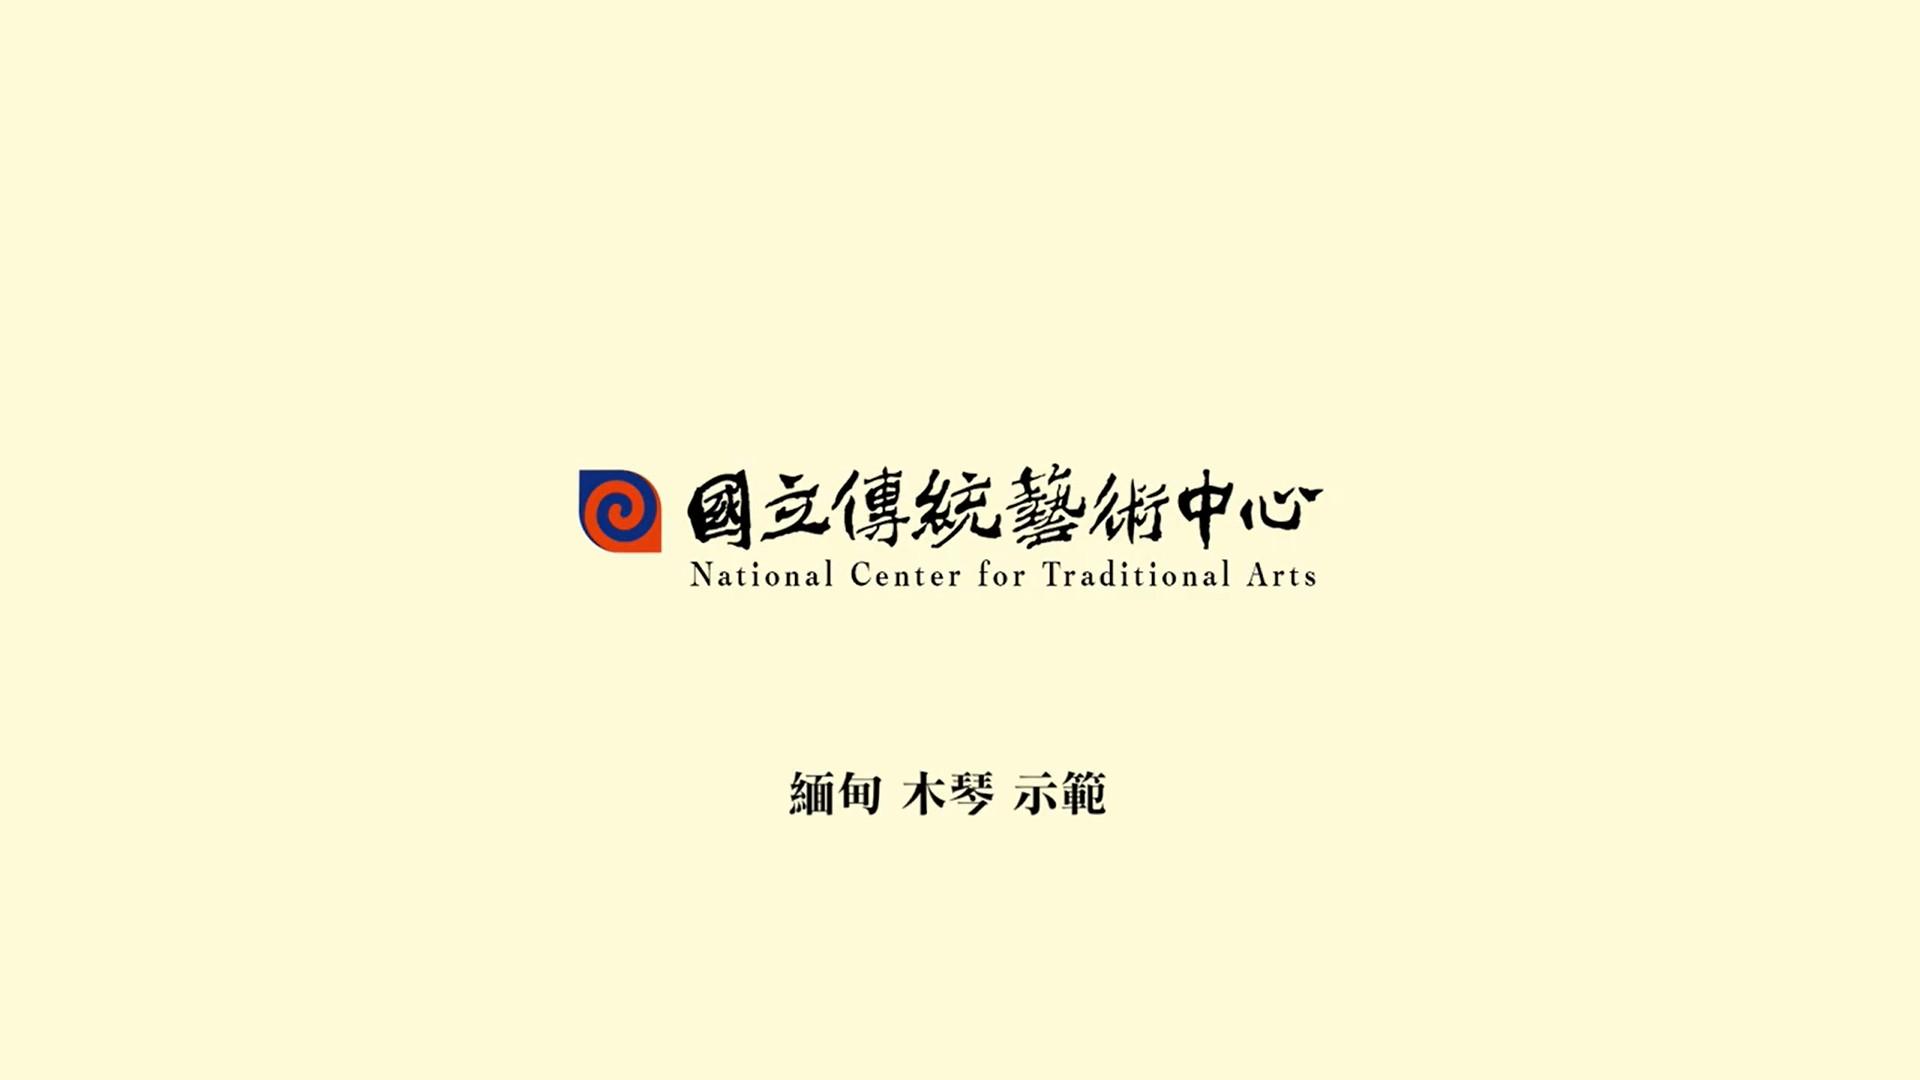 「亞太樂器常設展」樂器介紹-緬甸木琴